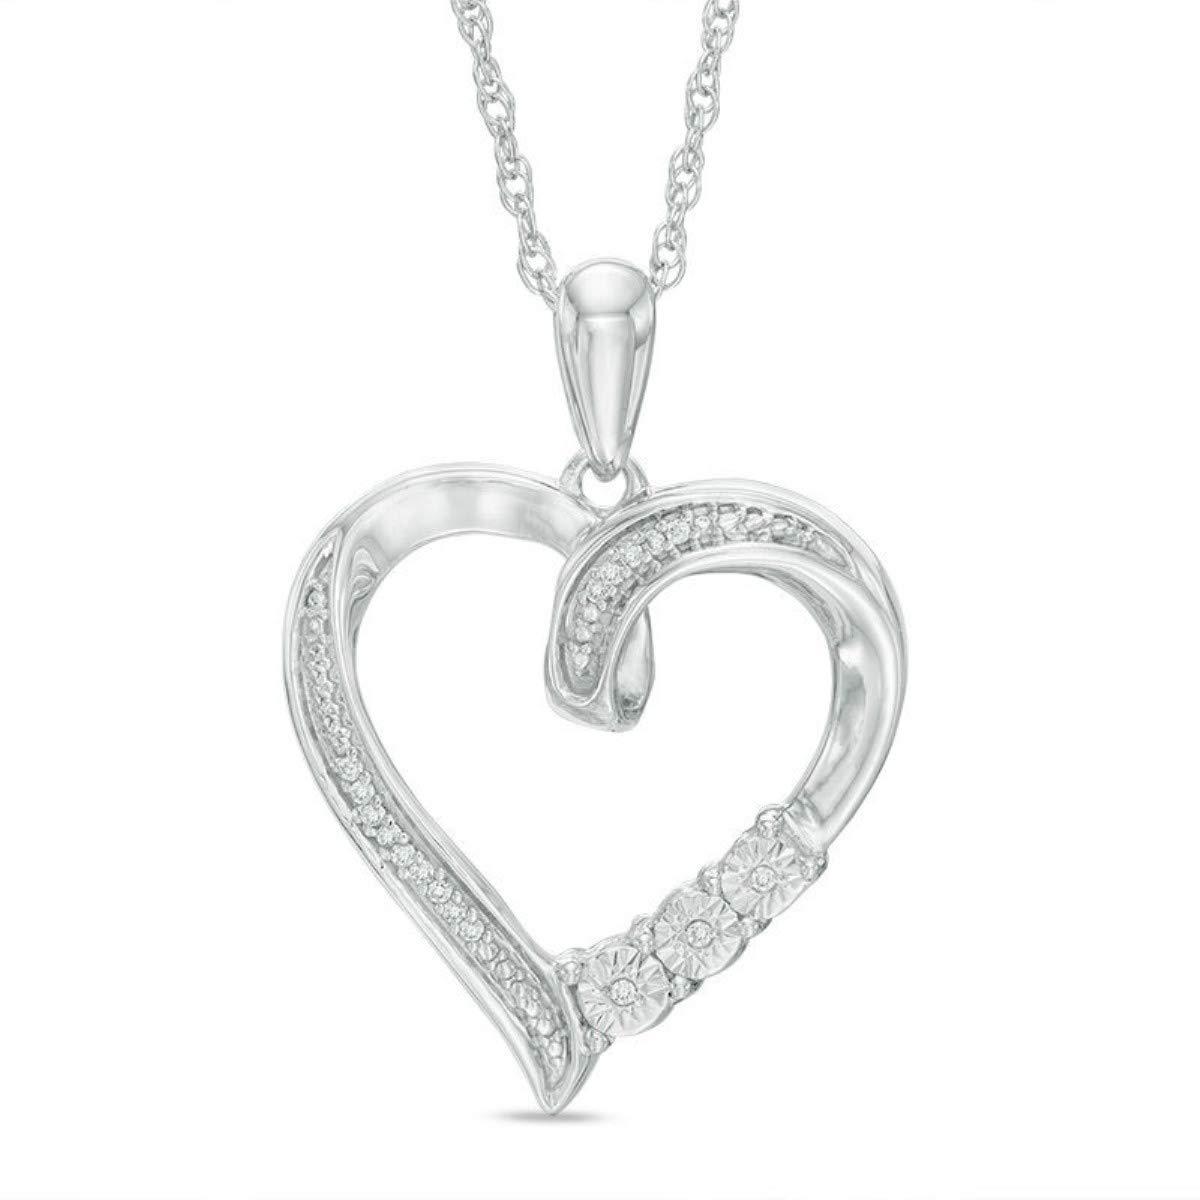 TrioStar Round Diamond 14K White Gold Fn Love Heart Pendant Valentine Gift for Her